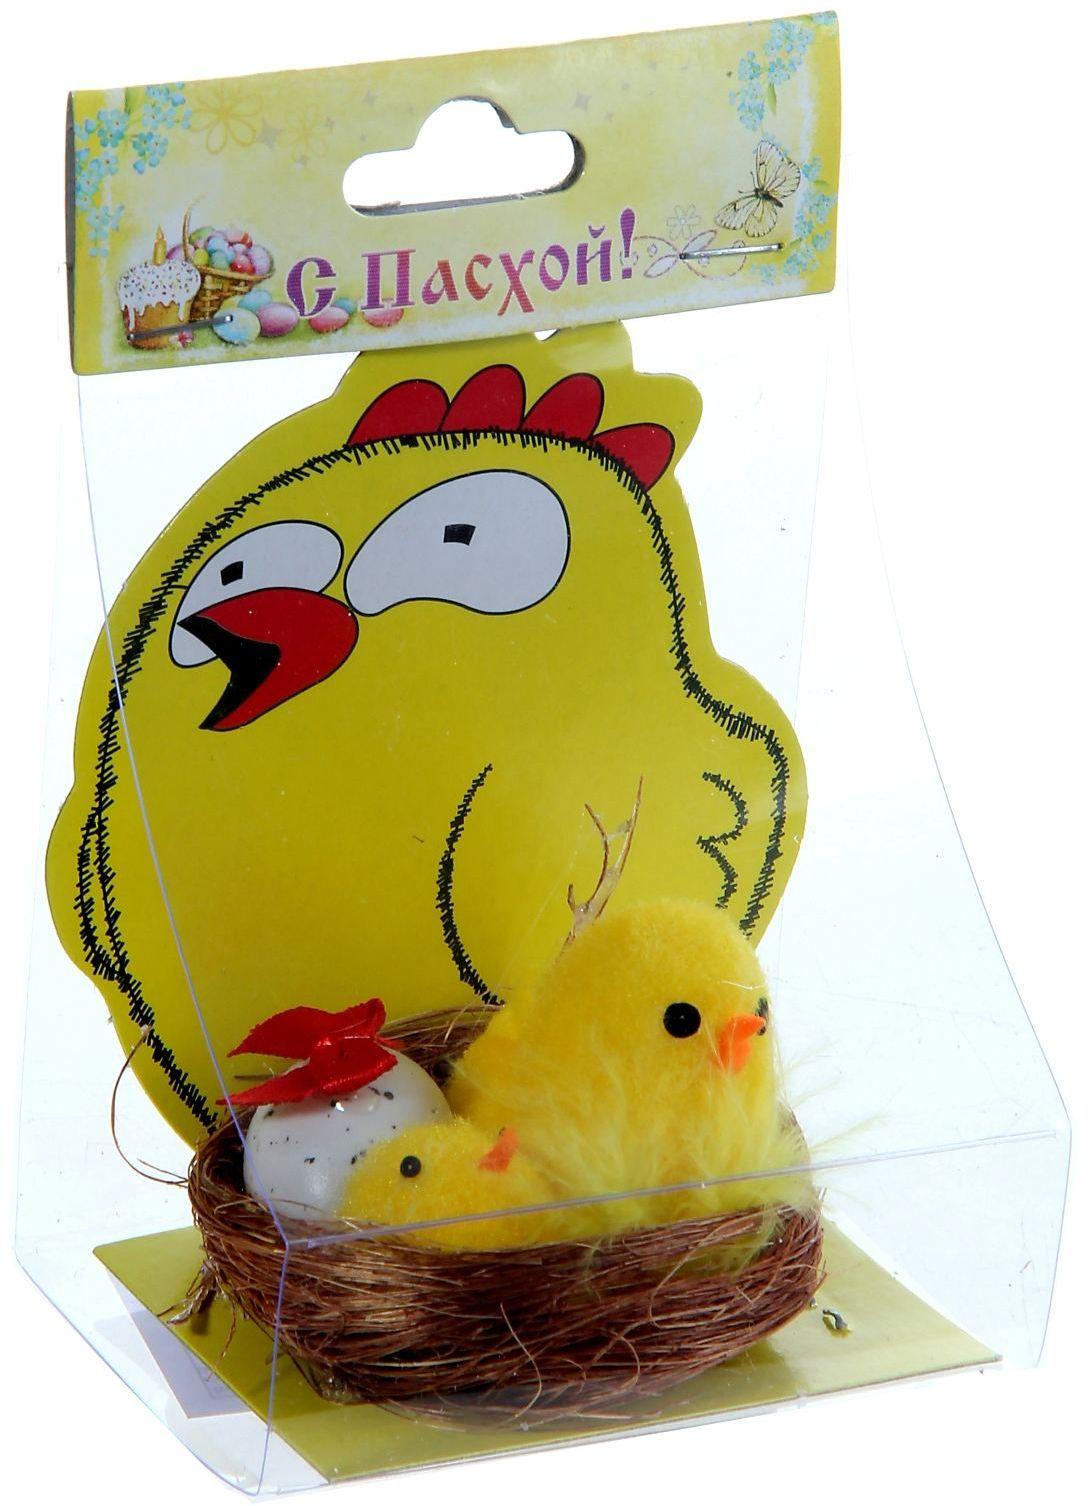 Сувенир пасхальный Sima-land Семейка цыплят, 5 х 5 х 4,5 см921495Сувенир Семейка цыплят — самый популярный пасхальный декор. Фигурками цып принято декорировать праздничный пасхальный стол во многих странах мира. Россия не исключение.Вы можете украсить таким замечательным сувениром тарелку гостей, превратив её в гнездо. Или преподнести его в качестве подарка близкому человеку. Удивите себя и родных!